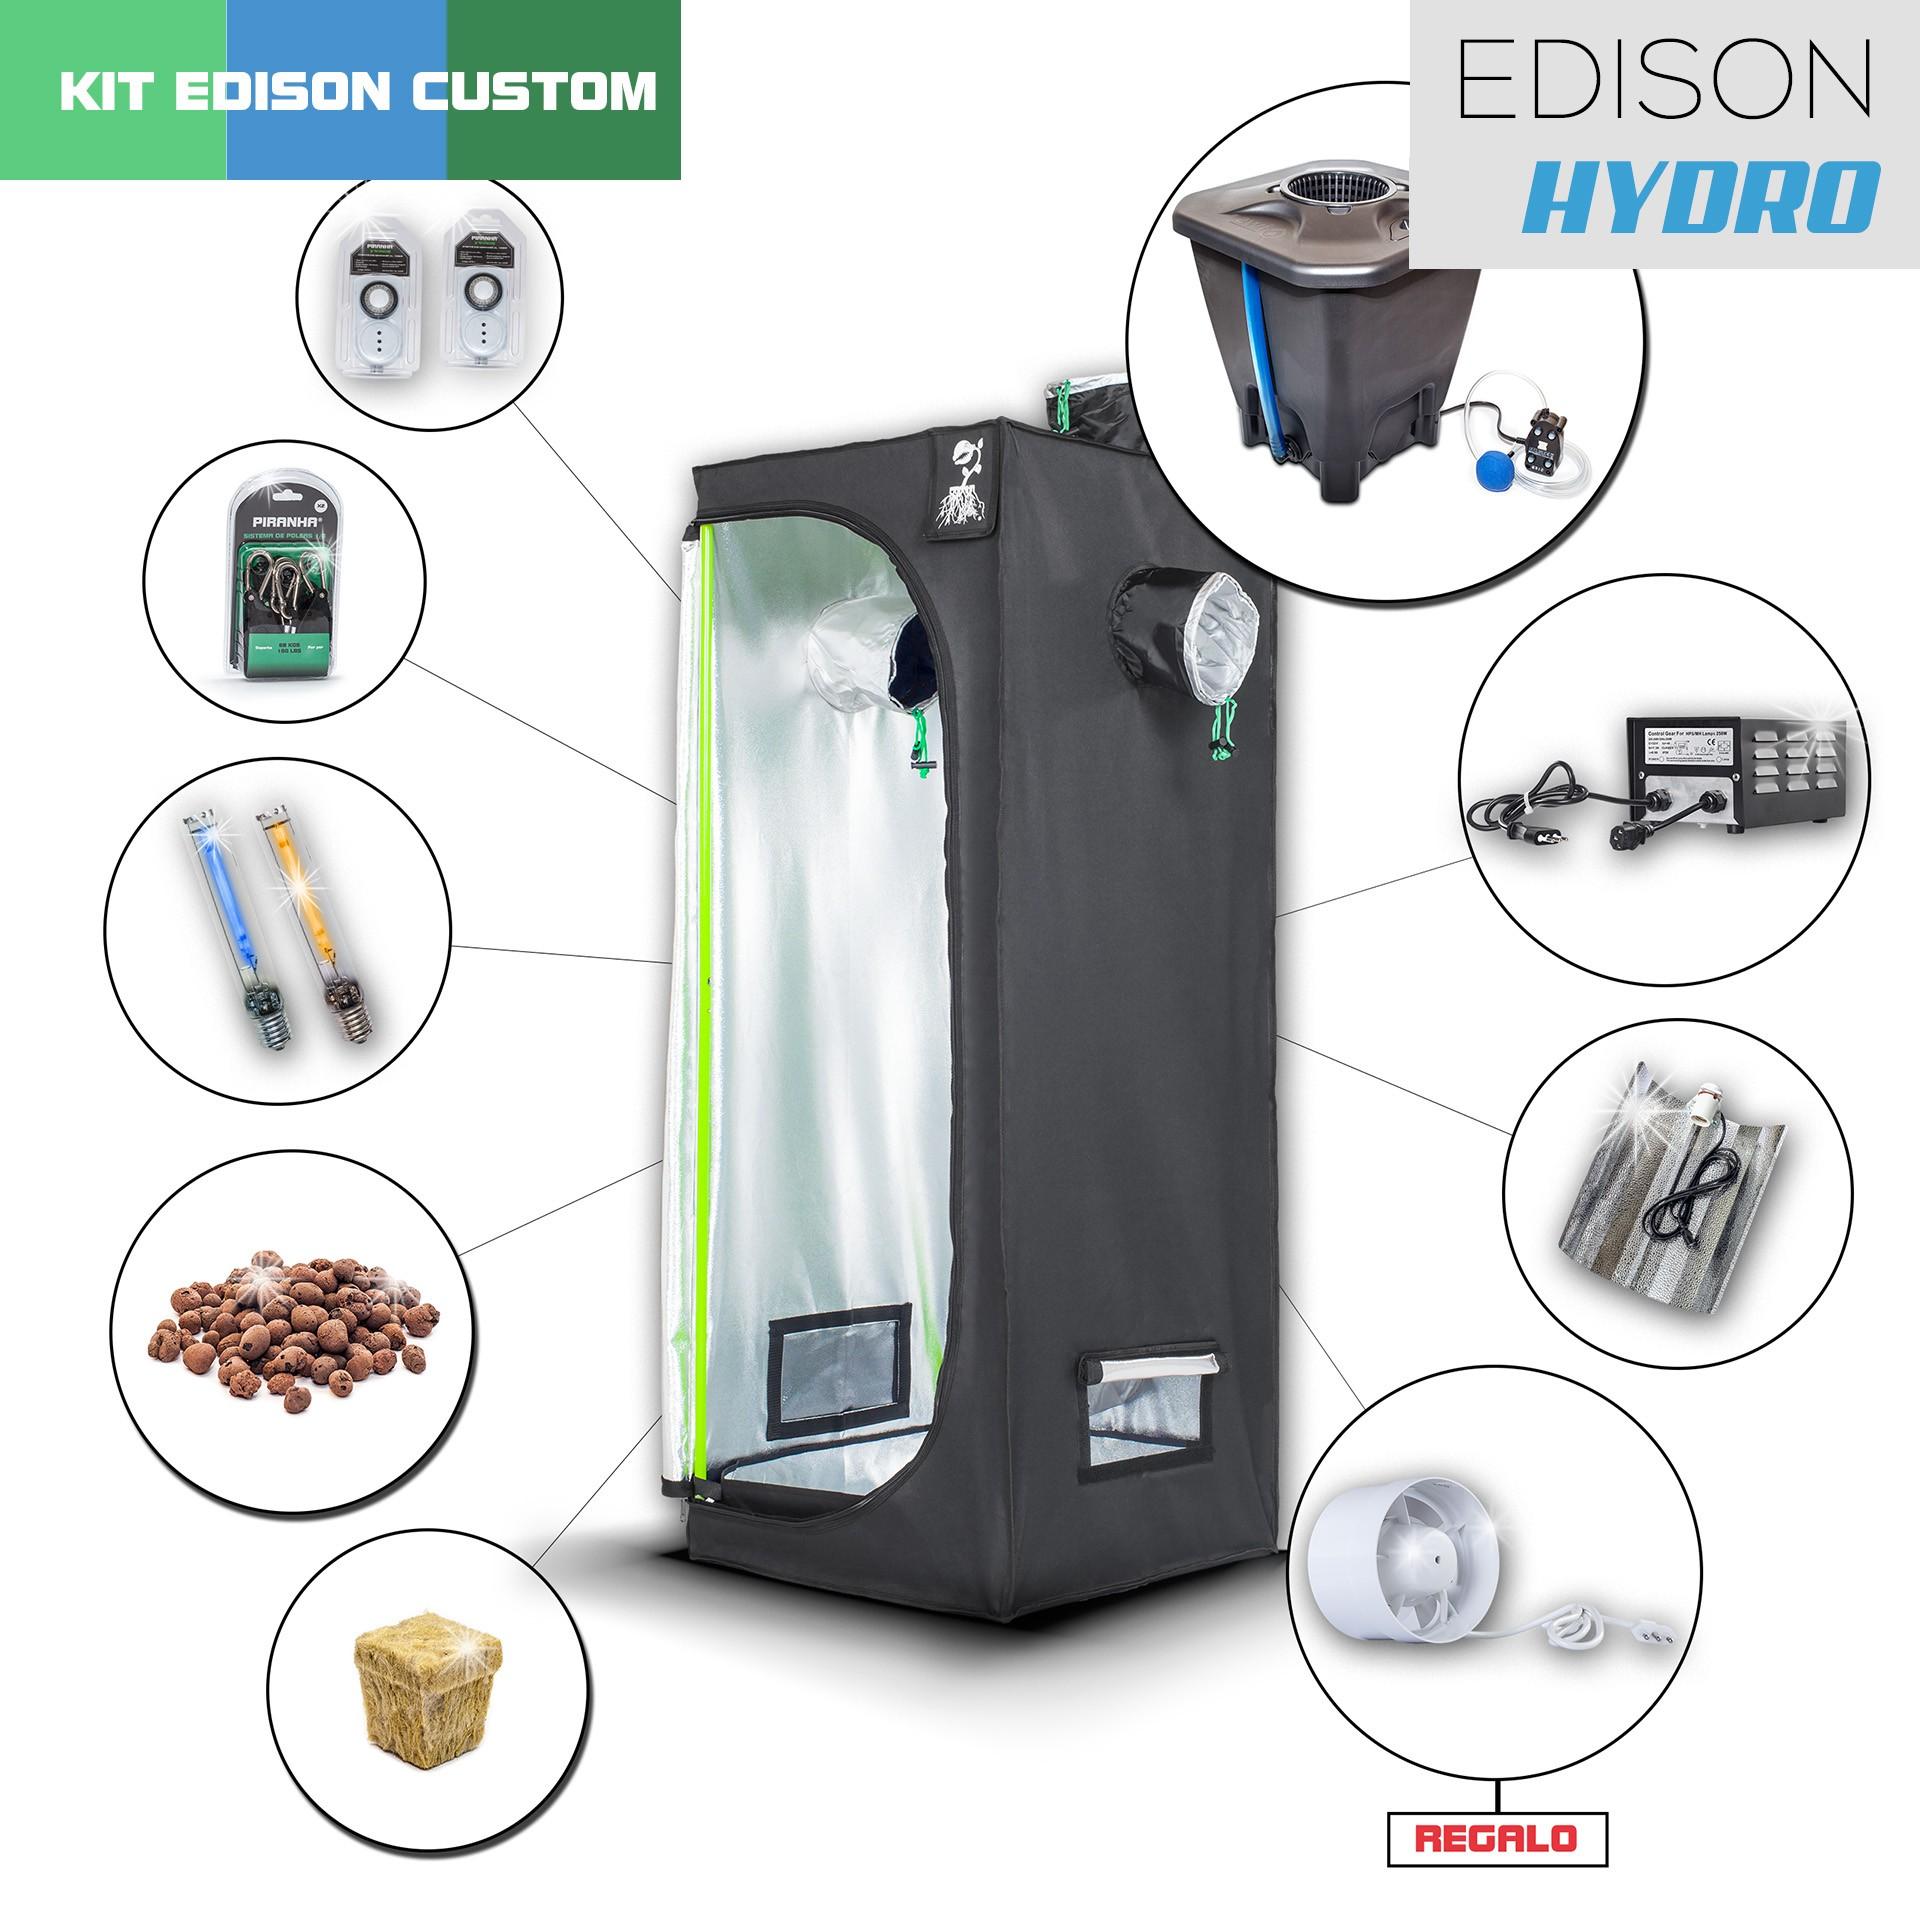 Kit Indoor Edison Hydro 60 - 250W Starter